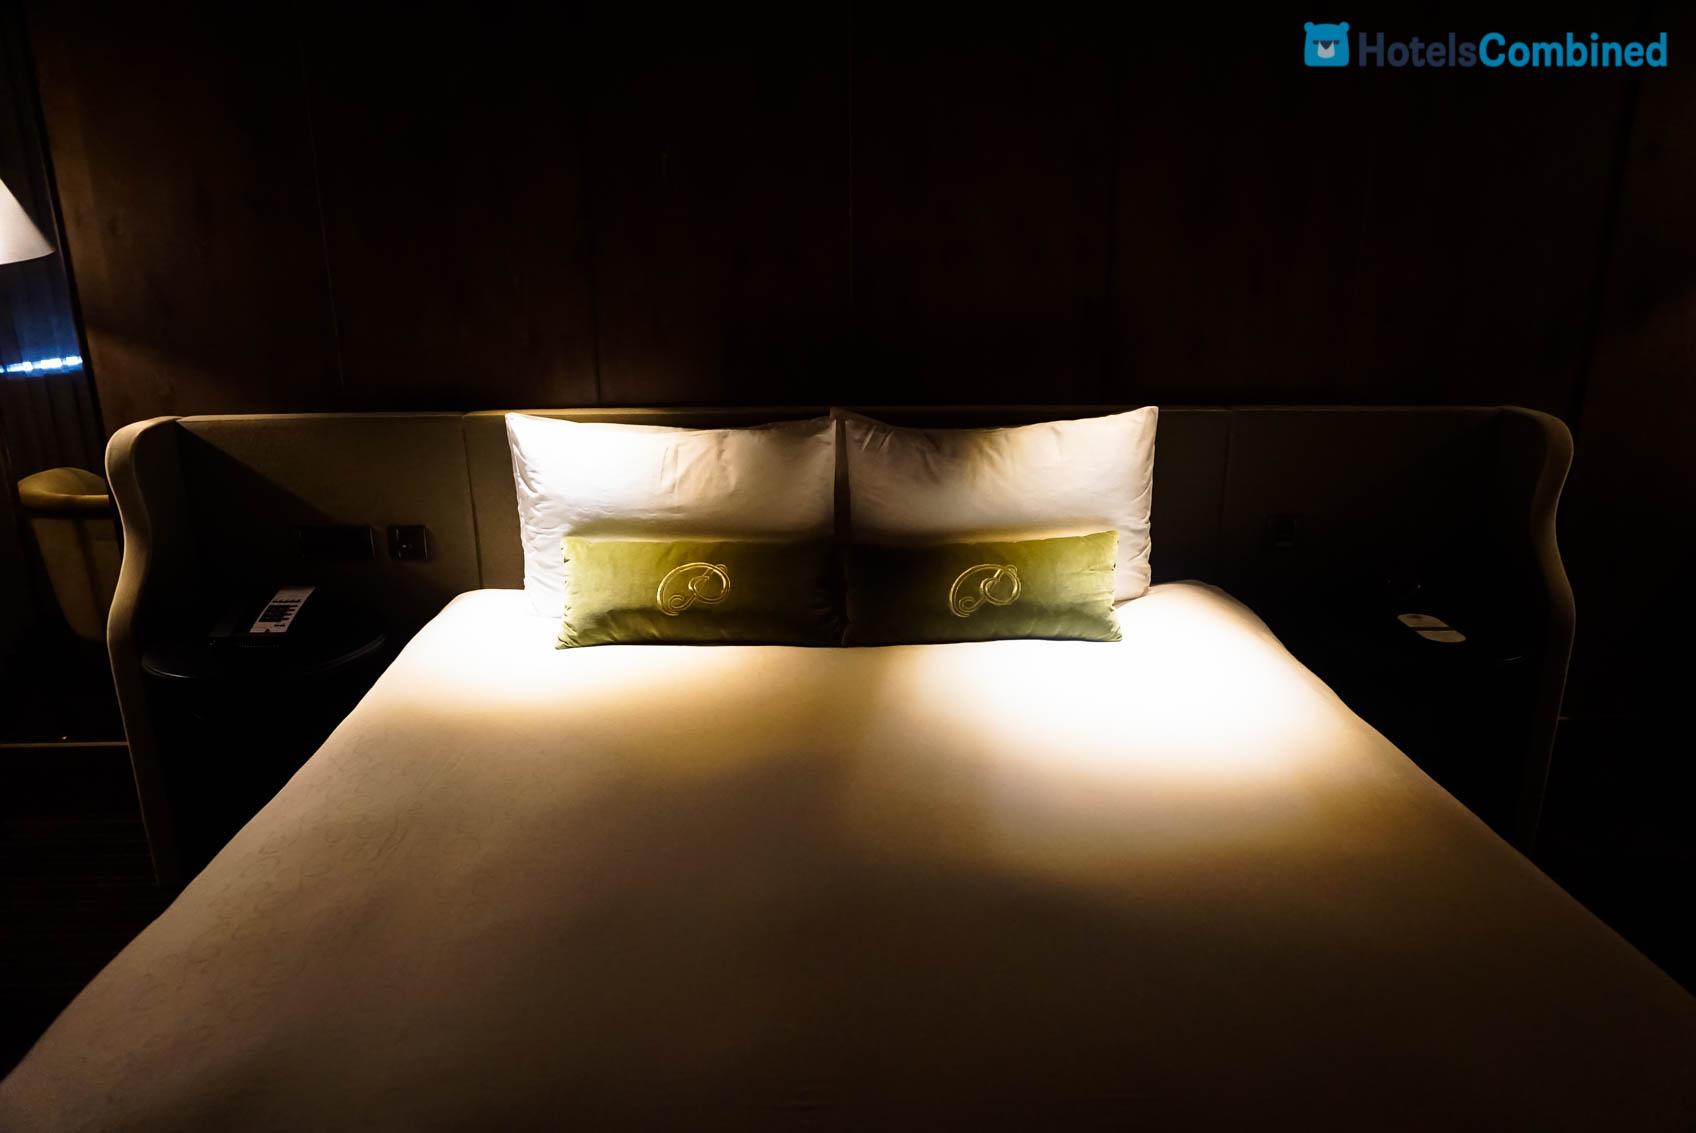 แสงส่องตอนกลางคืนจากไฟสองข้างนี่มันแสบตานะจริงๆแล้ว ><